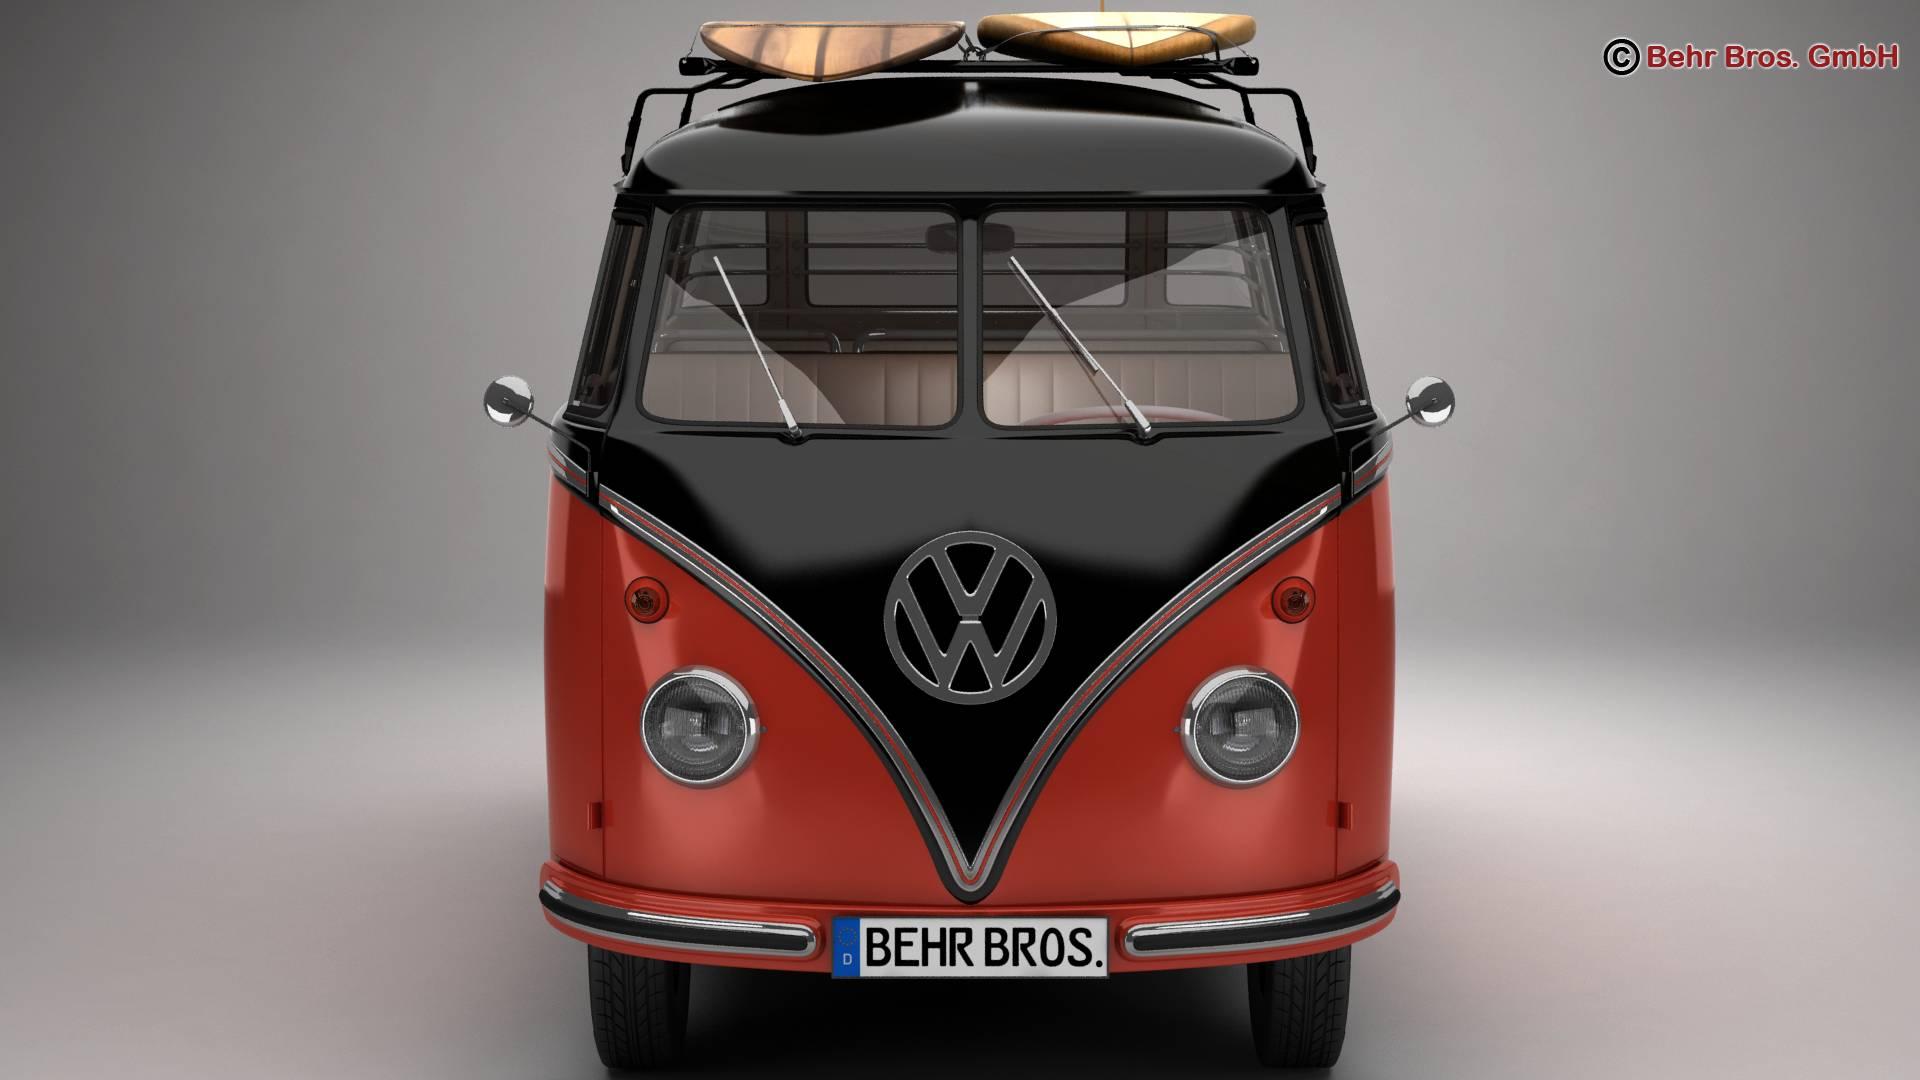 Volkswagen T1 Samba 1959 Accessories 3d model 3ds max fbx c4d lwo ma mb obj 266981